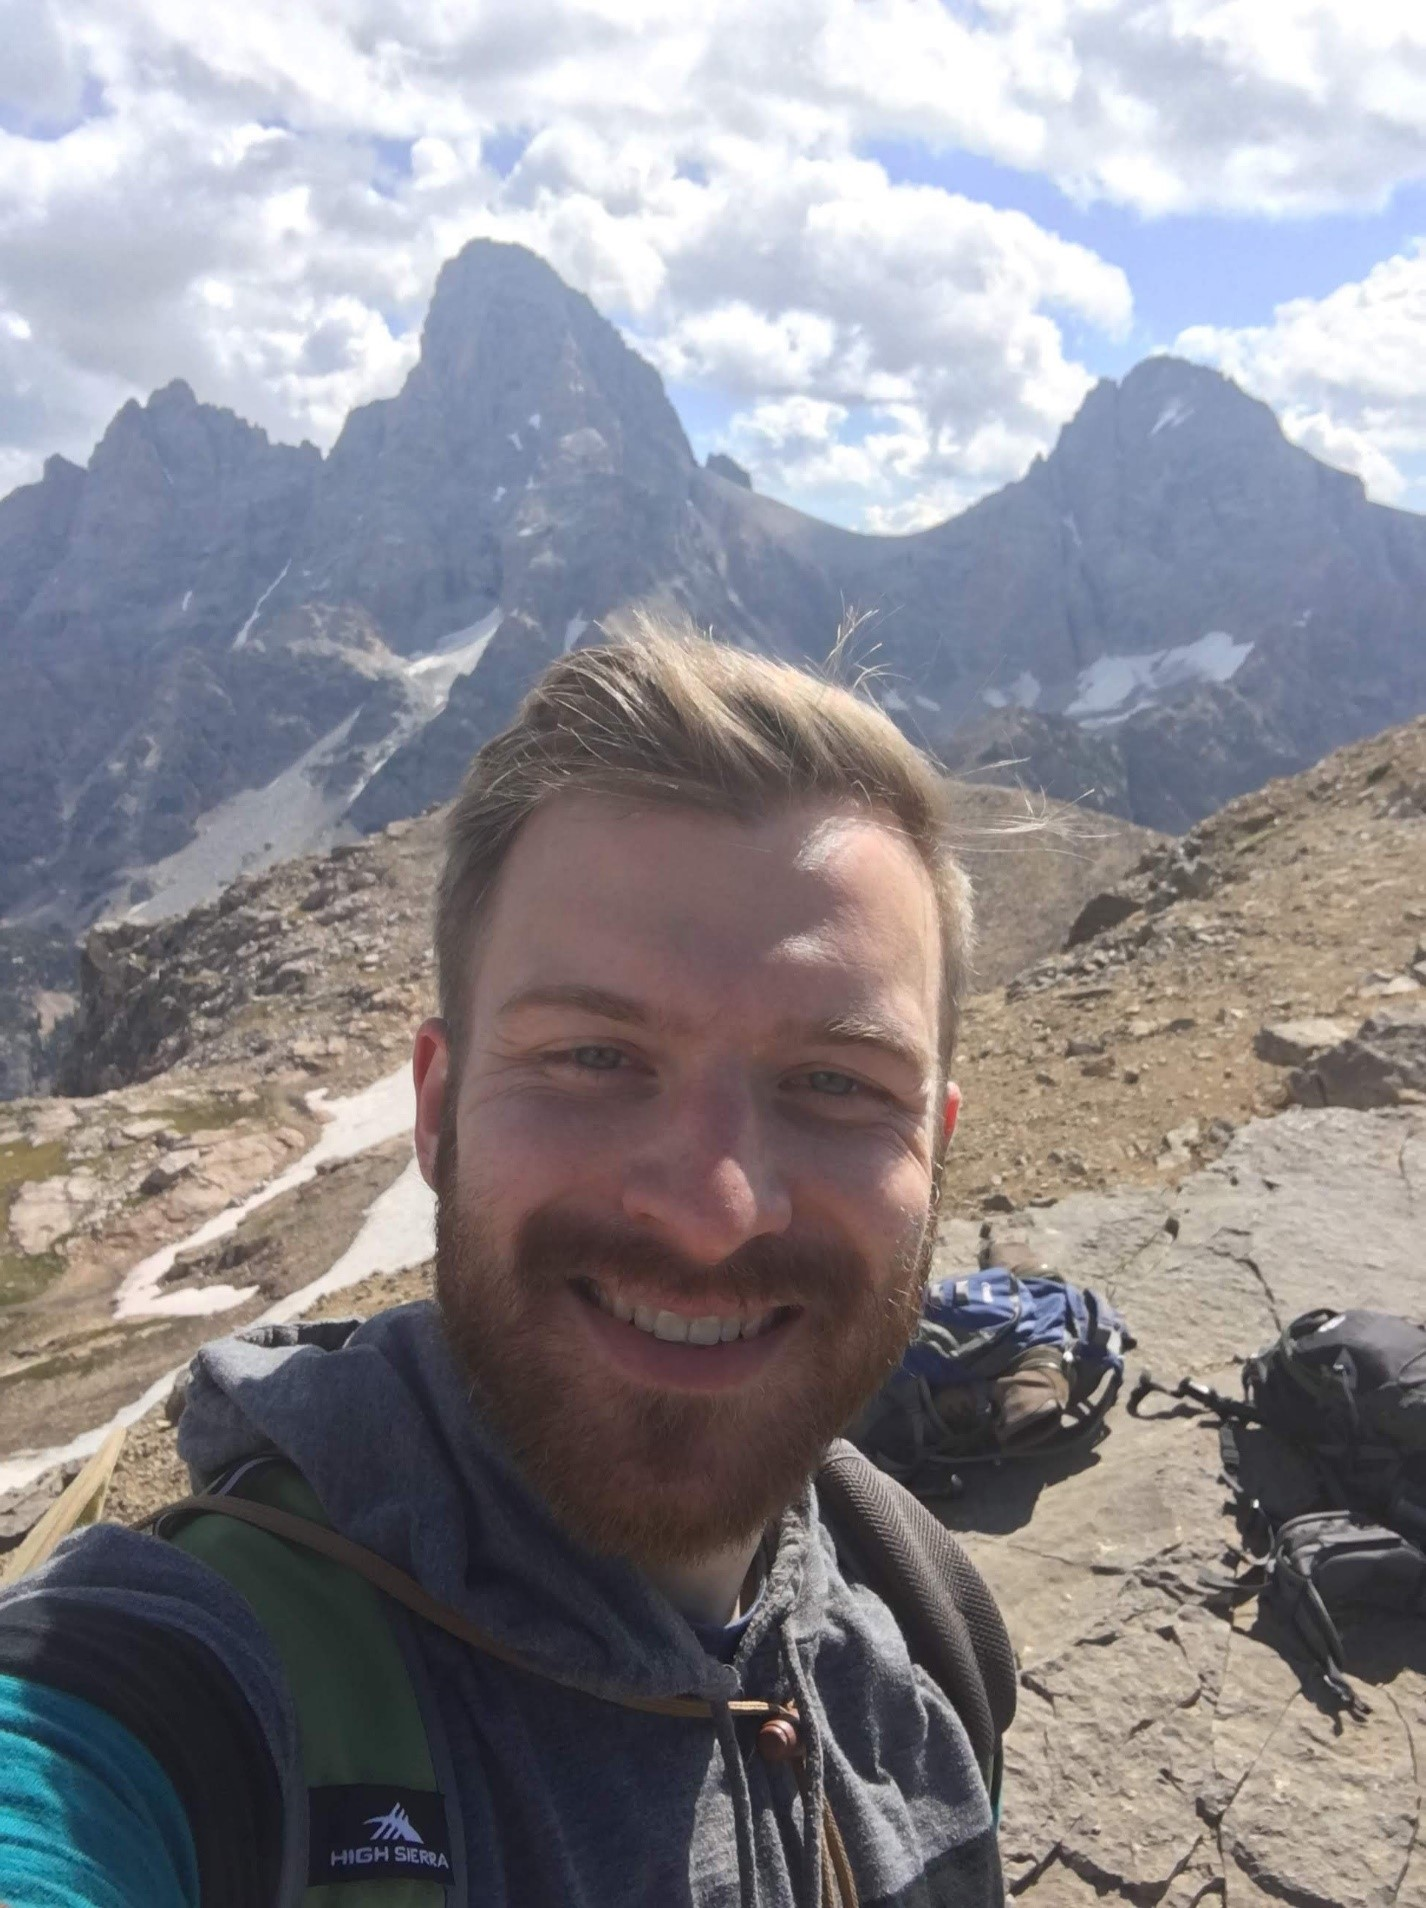 Alumni Spotlight: Jim Cerkovnik